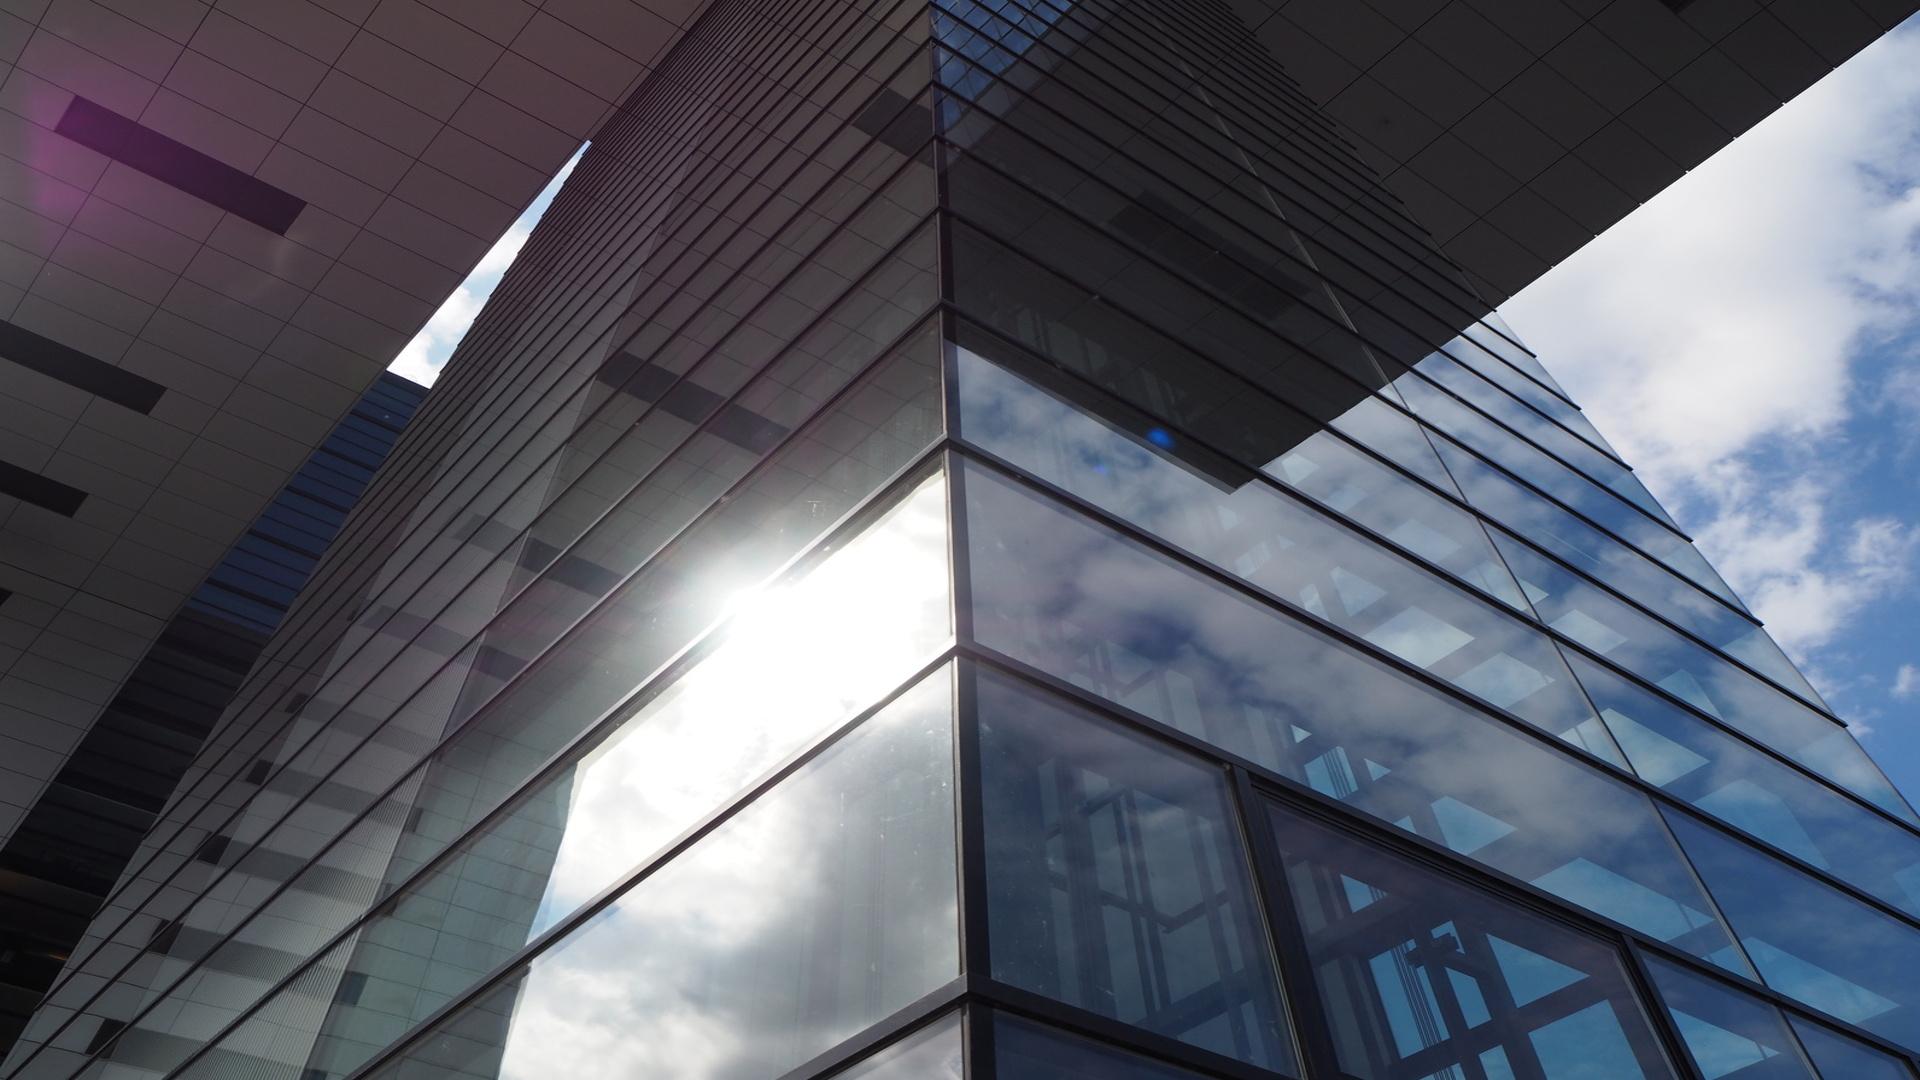 Qué-láminas-solares-son-mejores-las-exteriores-o-interiores.